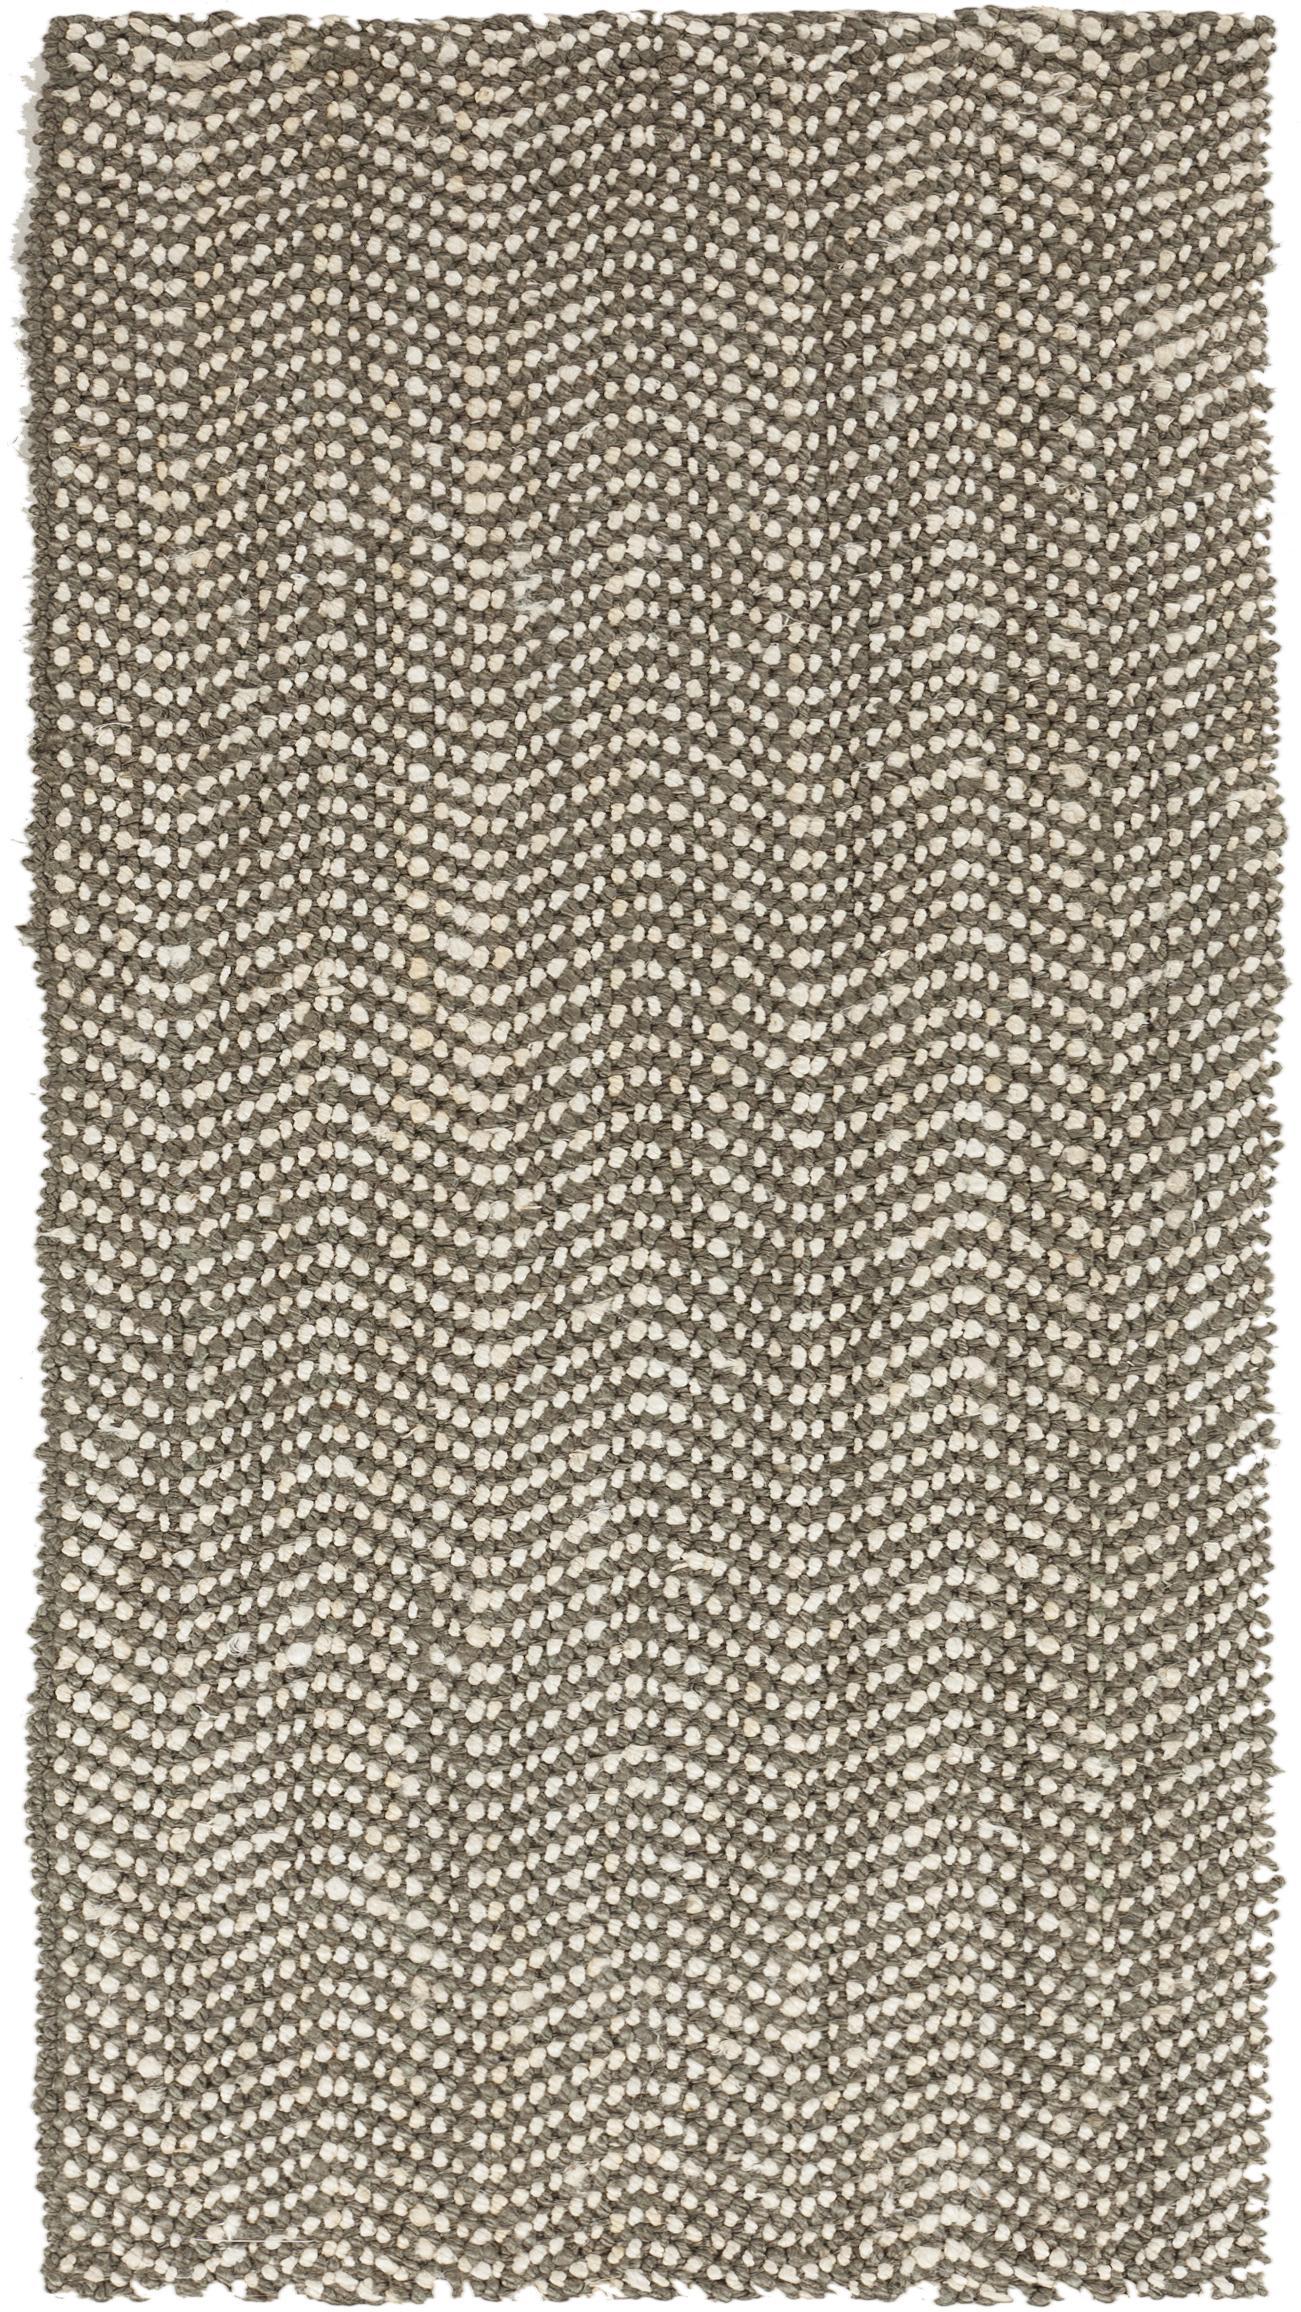 Surya Rugs Reeds 2' x 3' - Item Number: REED800-23